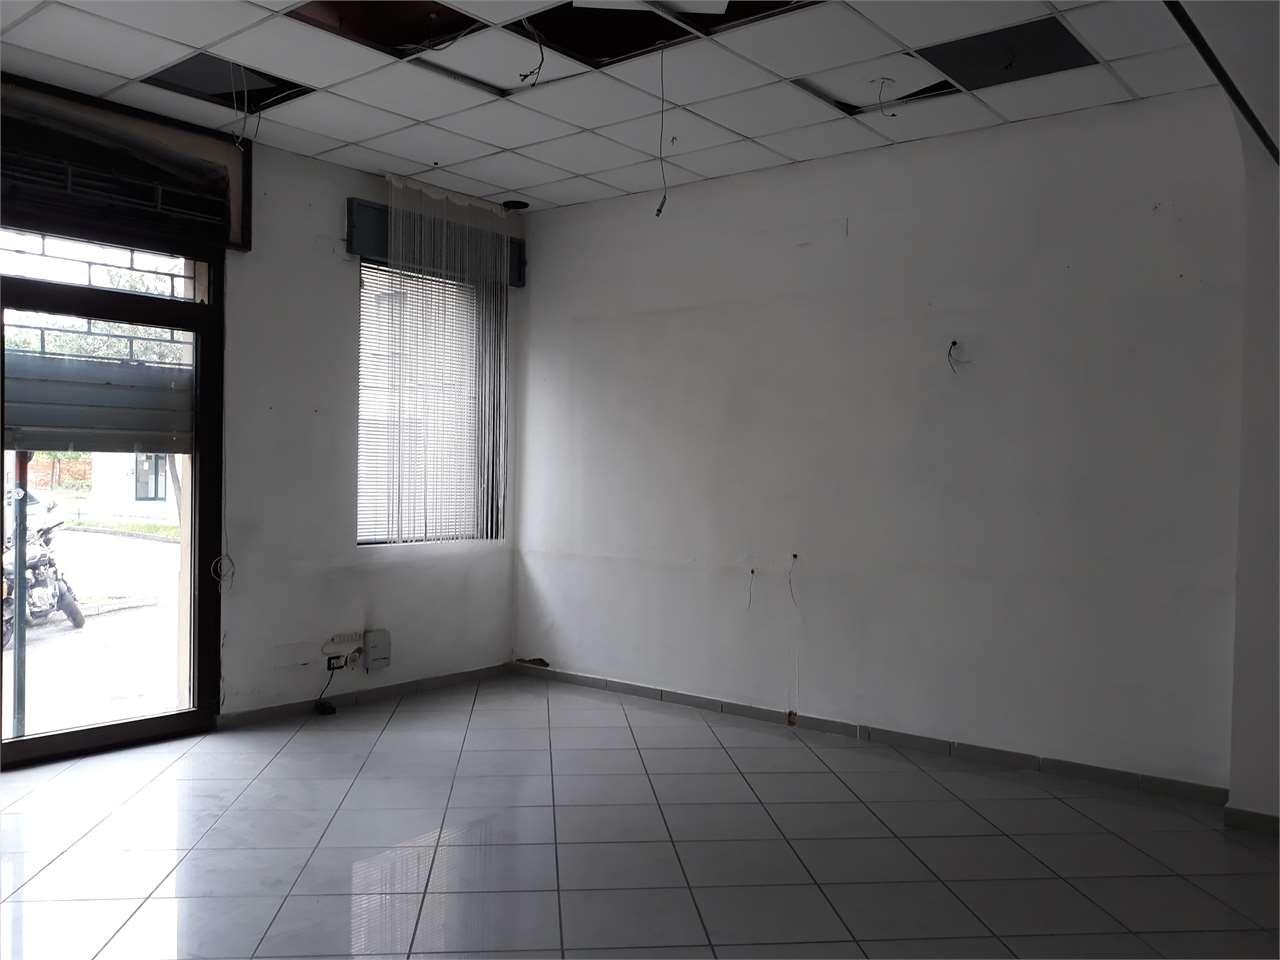 Negozio / Locale in affitto a Modena, 2 locali, zona Zona: Zona Viali, prezzo € 650 | CambioCasa.it